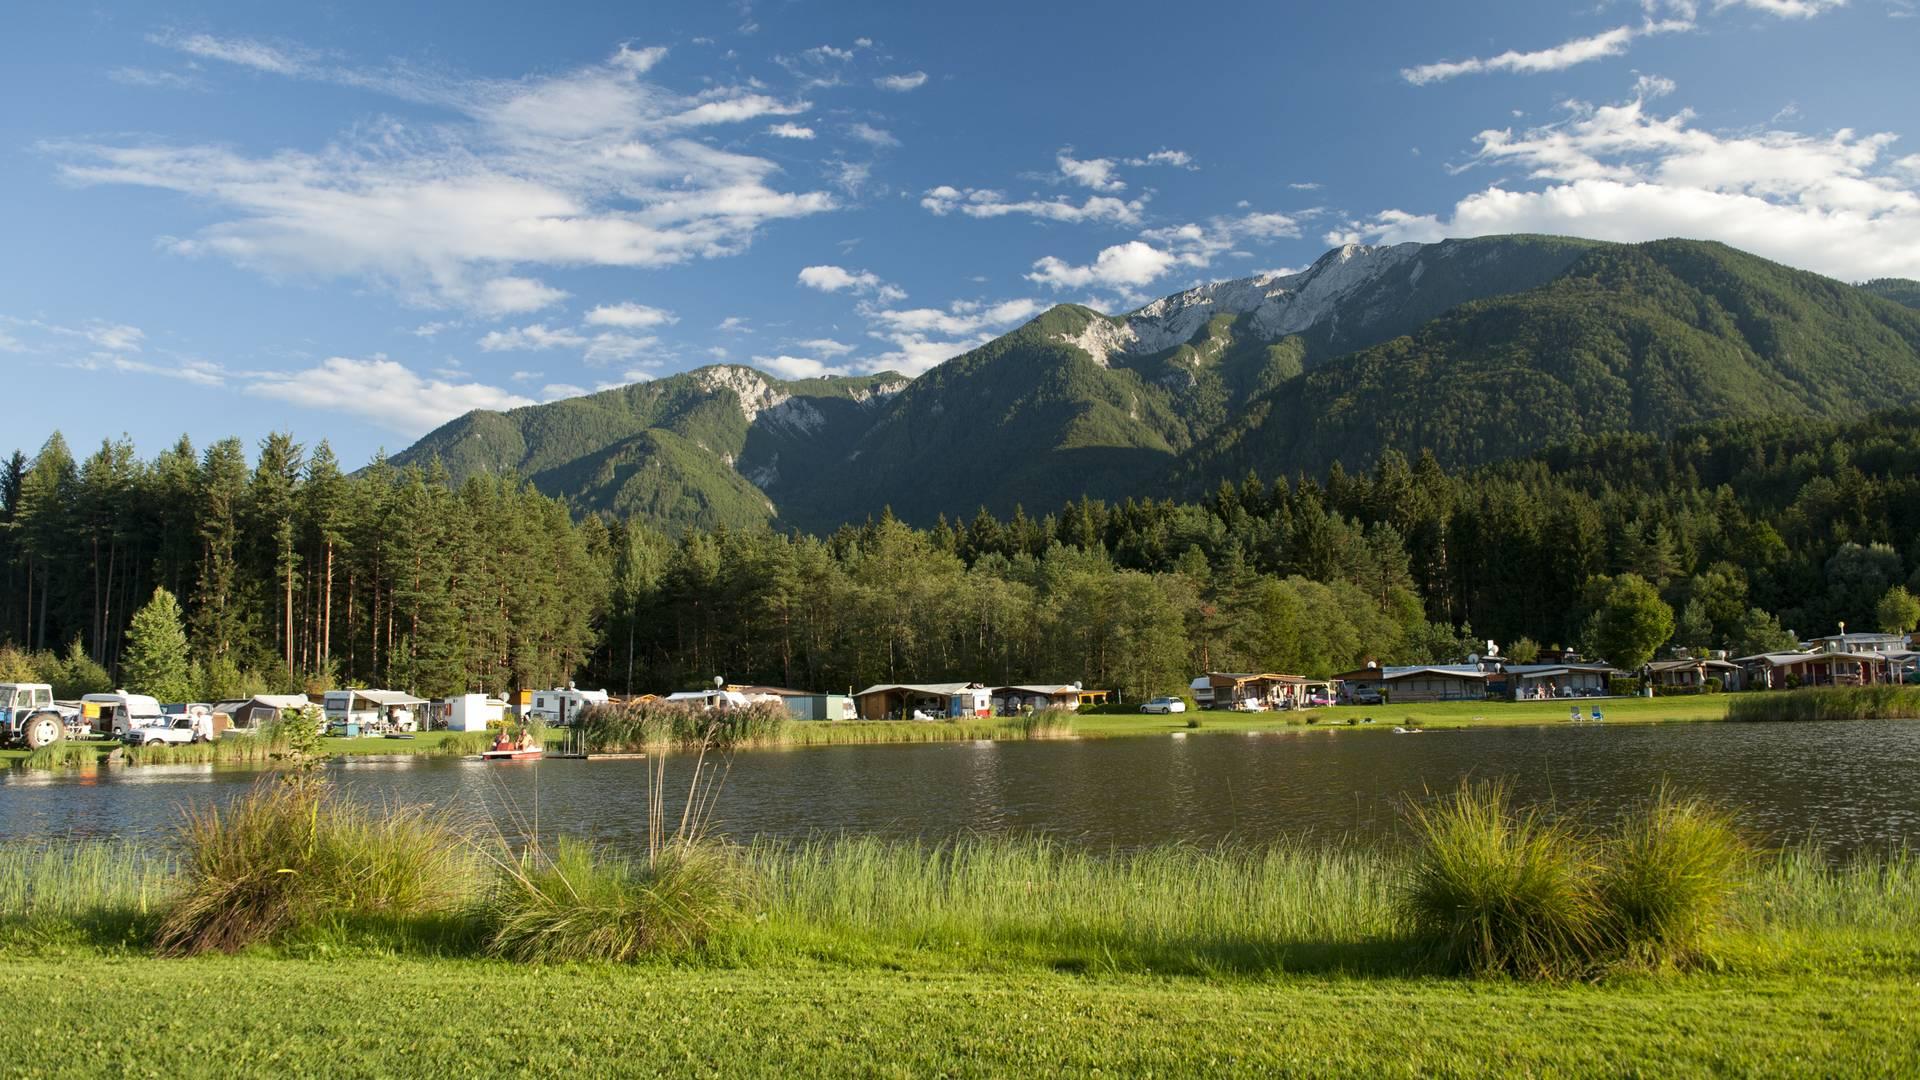 Camping am Pirkdorfersee